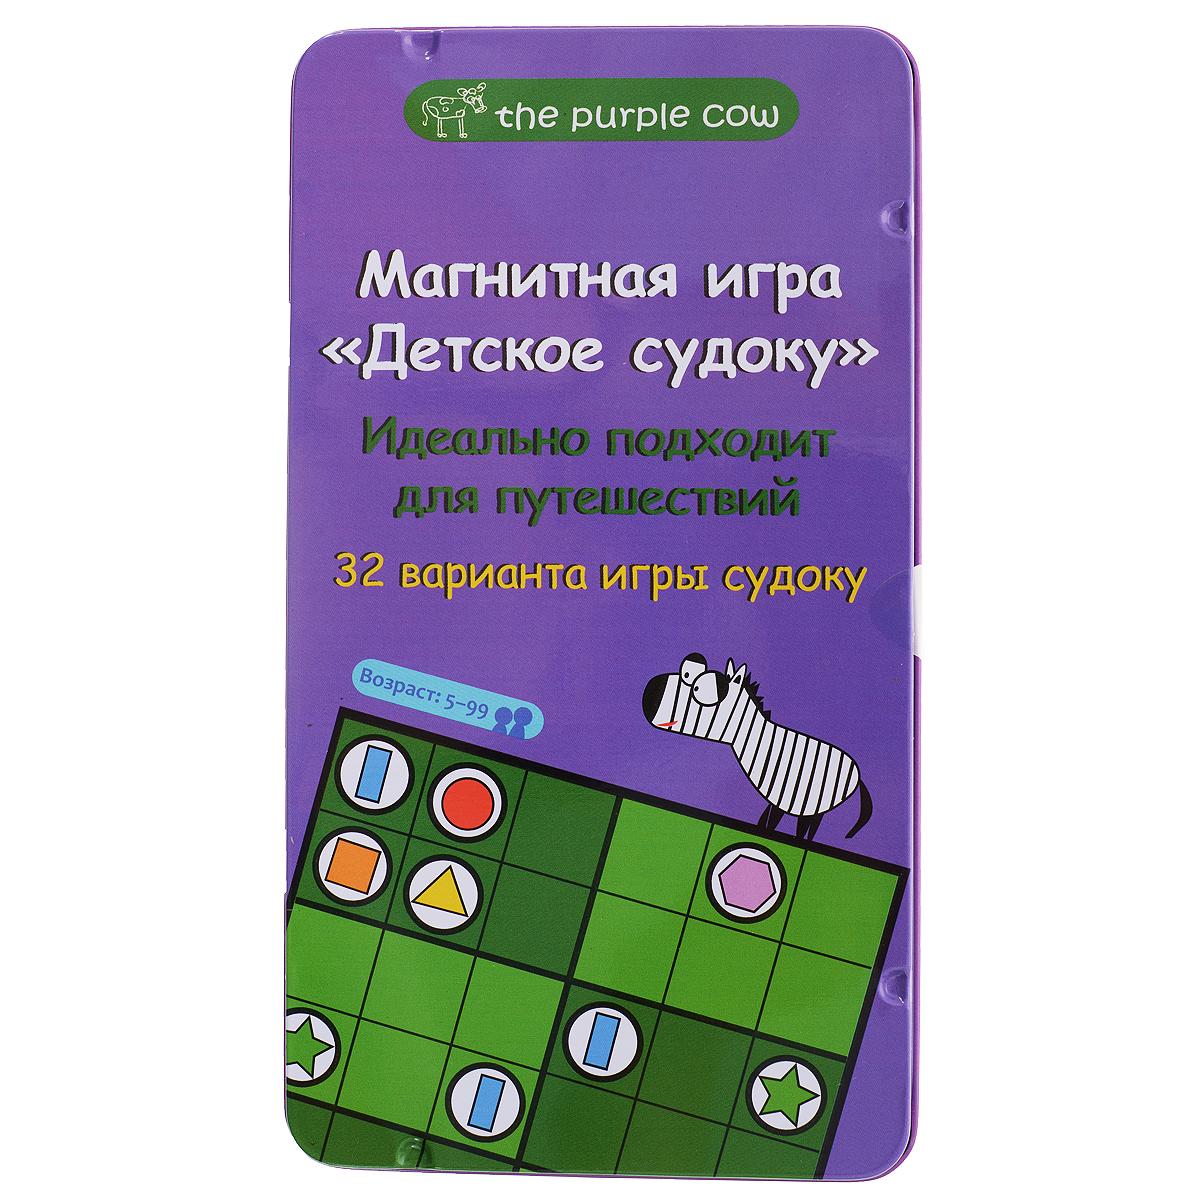 Магнитная игра The Purple Cow Детское судоку890568Магнитная игра The Purple Cow Детское судоку надолго увлечет вашего ребенка. В комплект входят 72 магнитные фишки и буклет с 32 вариантами игр, а игровое поле расположено на внутренней стороне металлической коробки, в которую упакована игра. Цель игры: заполнить все пустые клетки фишками правильной формы. В игре три основных правила: - Каждый ряд должен заполниться всеми шестью фигурами в любом порядке. Фигуры не должны повторяться; - Каждая колонка (вертикальный ряд) должна заполниться всеми шестью фигур в любом порядке. Фигуры не должны повторяться; - Каждый прямоугольник 2х3 клетки должен заполниться разными фигурами без повторений. Такая игра надолго займет ребенка и поможет ему раскрыть свой потенциал и поспособствует развитию логики и мелкой моторики.